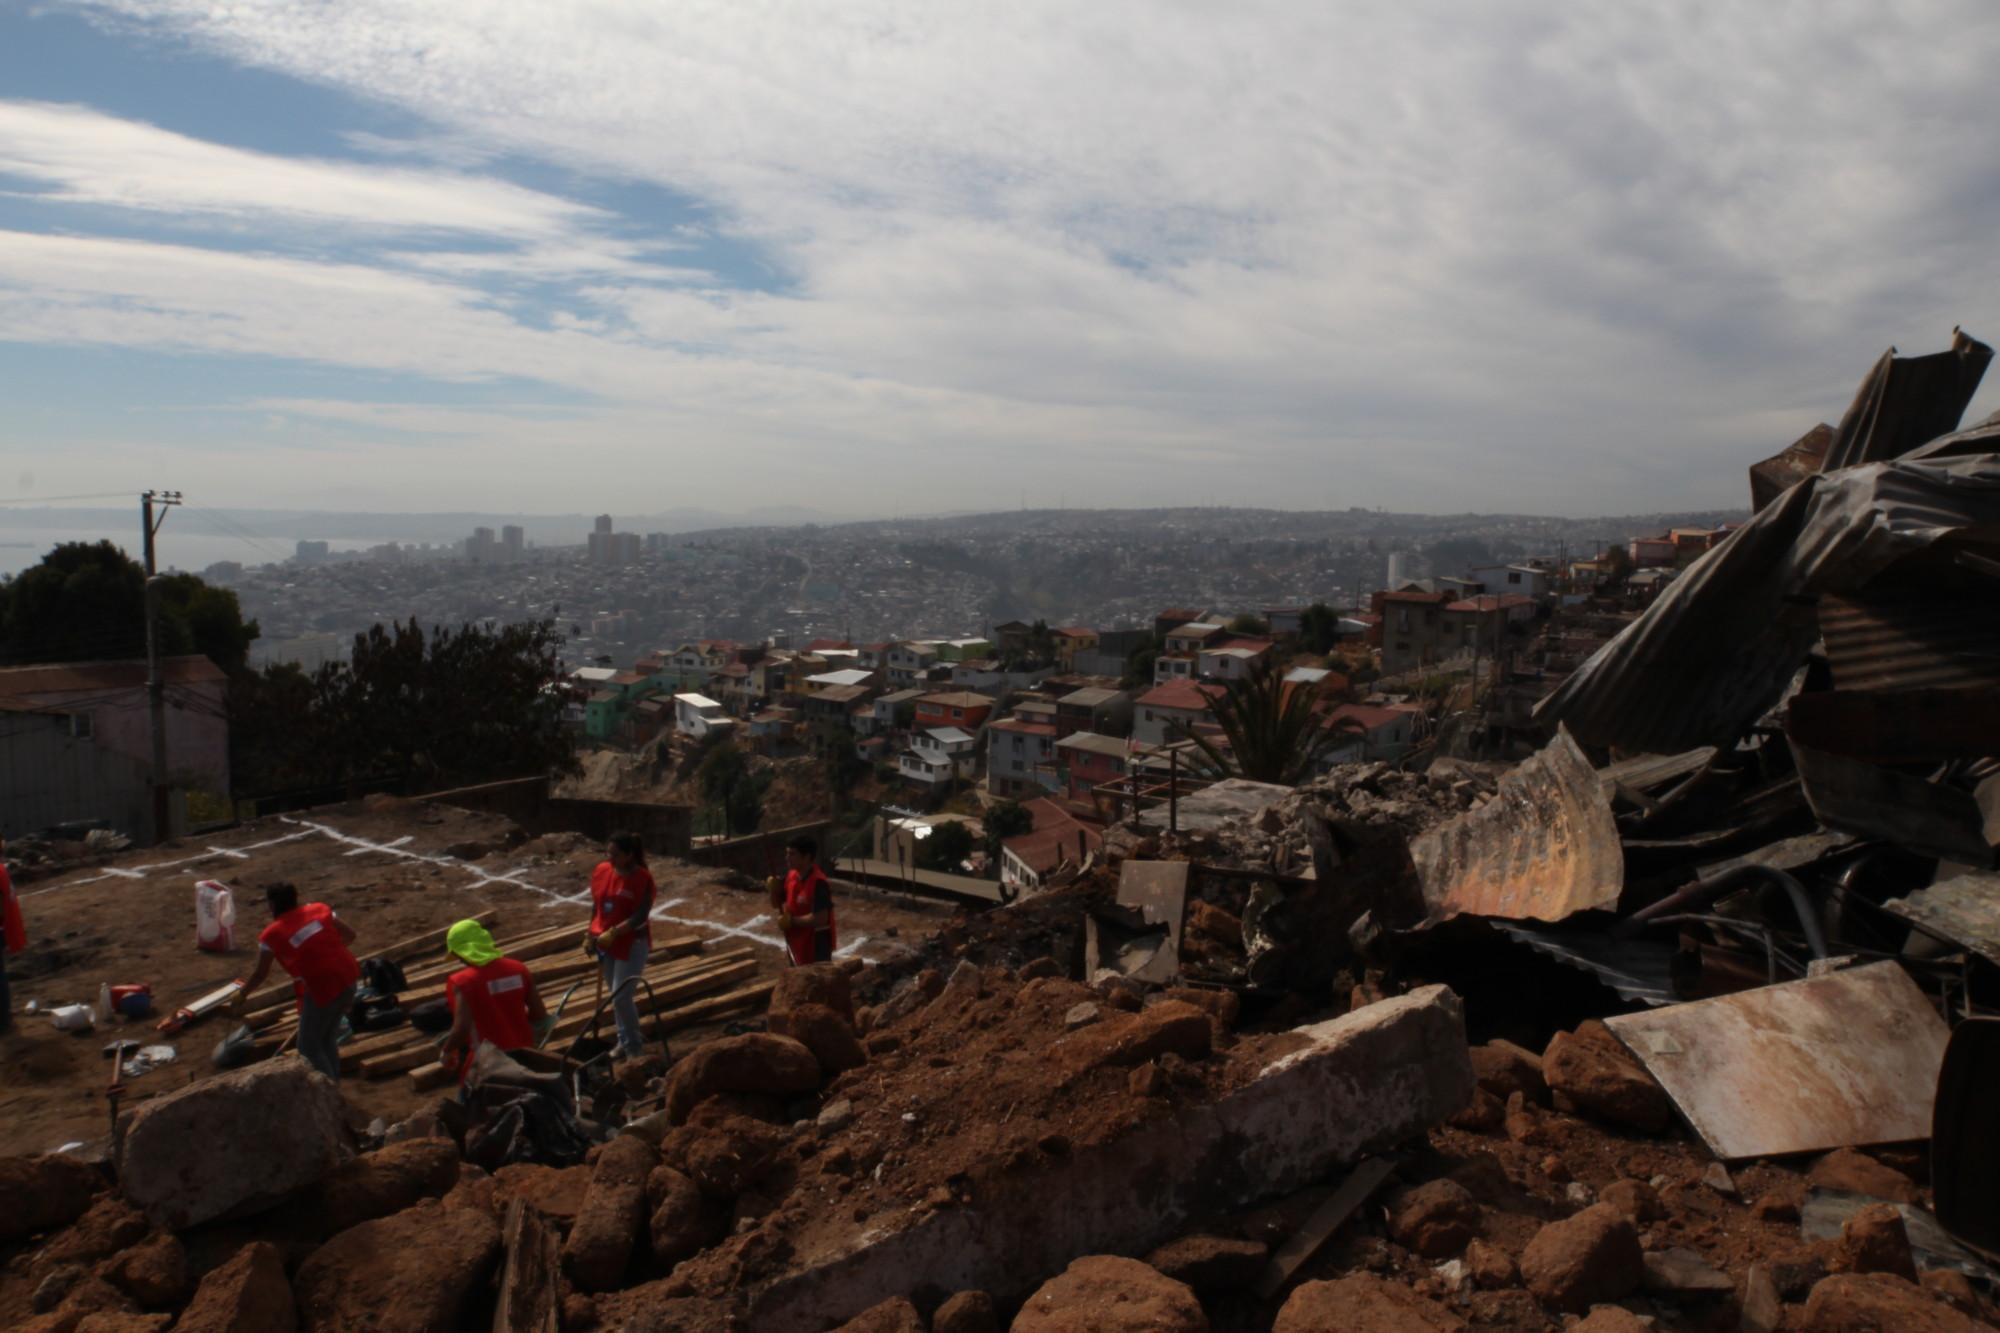 Cerro La Cruz, Valparaíso. Image Courtesy of Nicolás Valencia